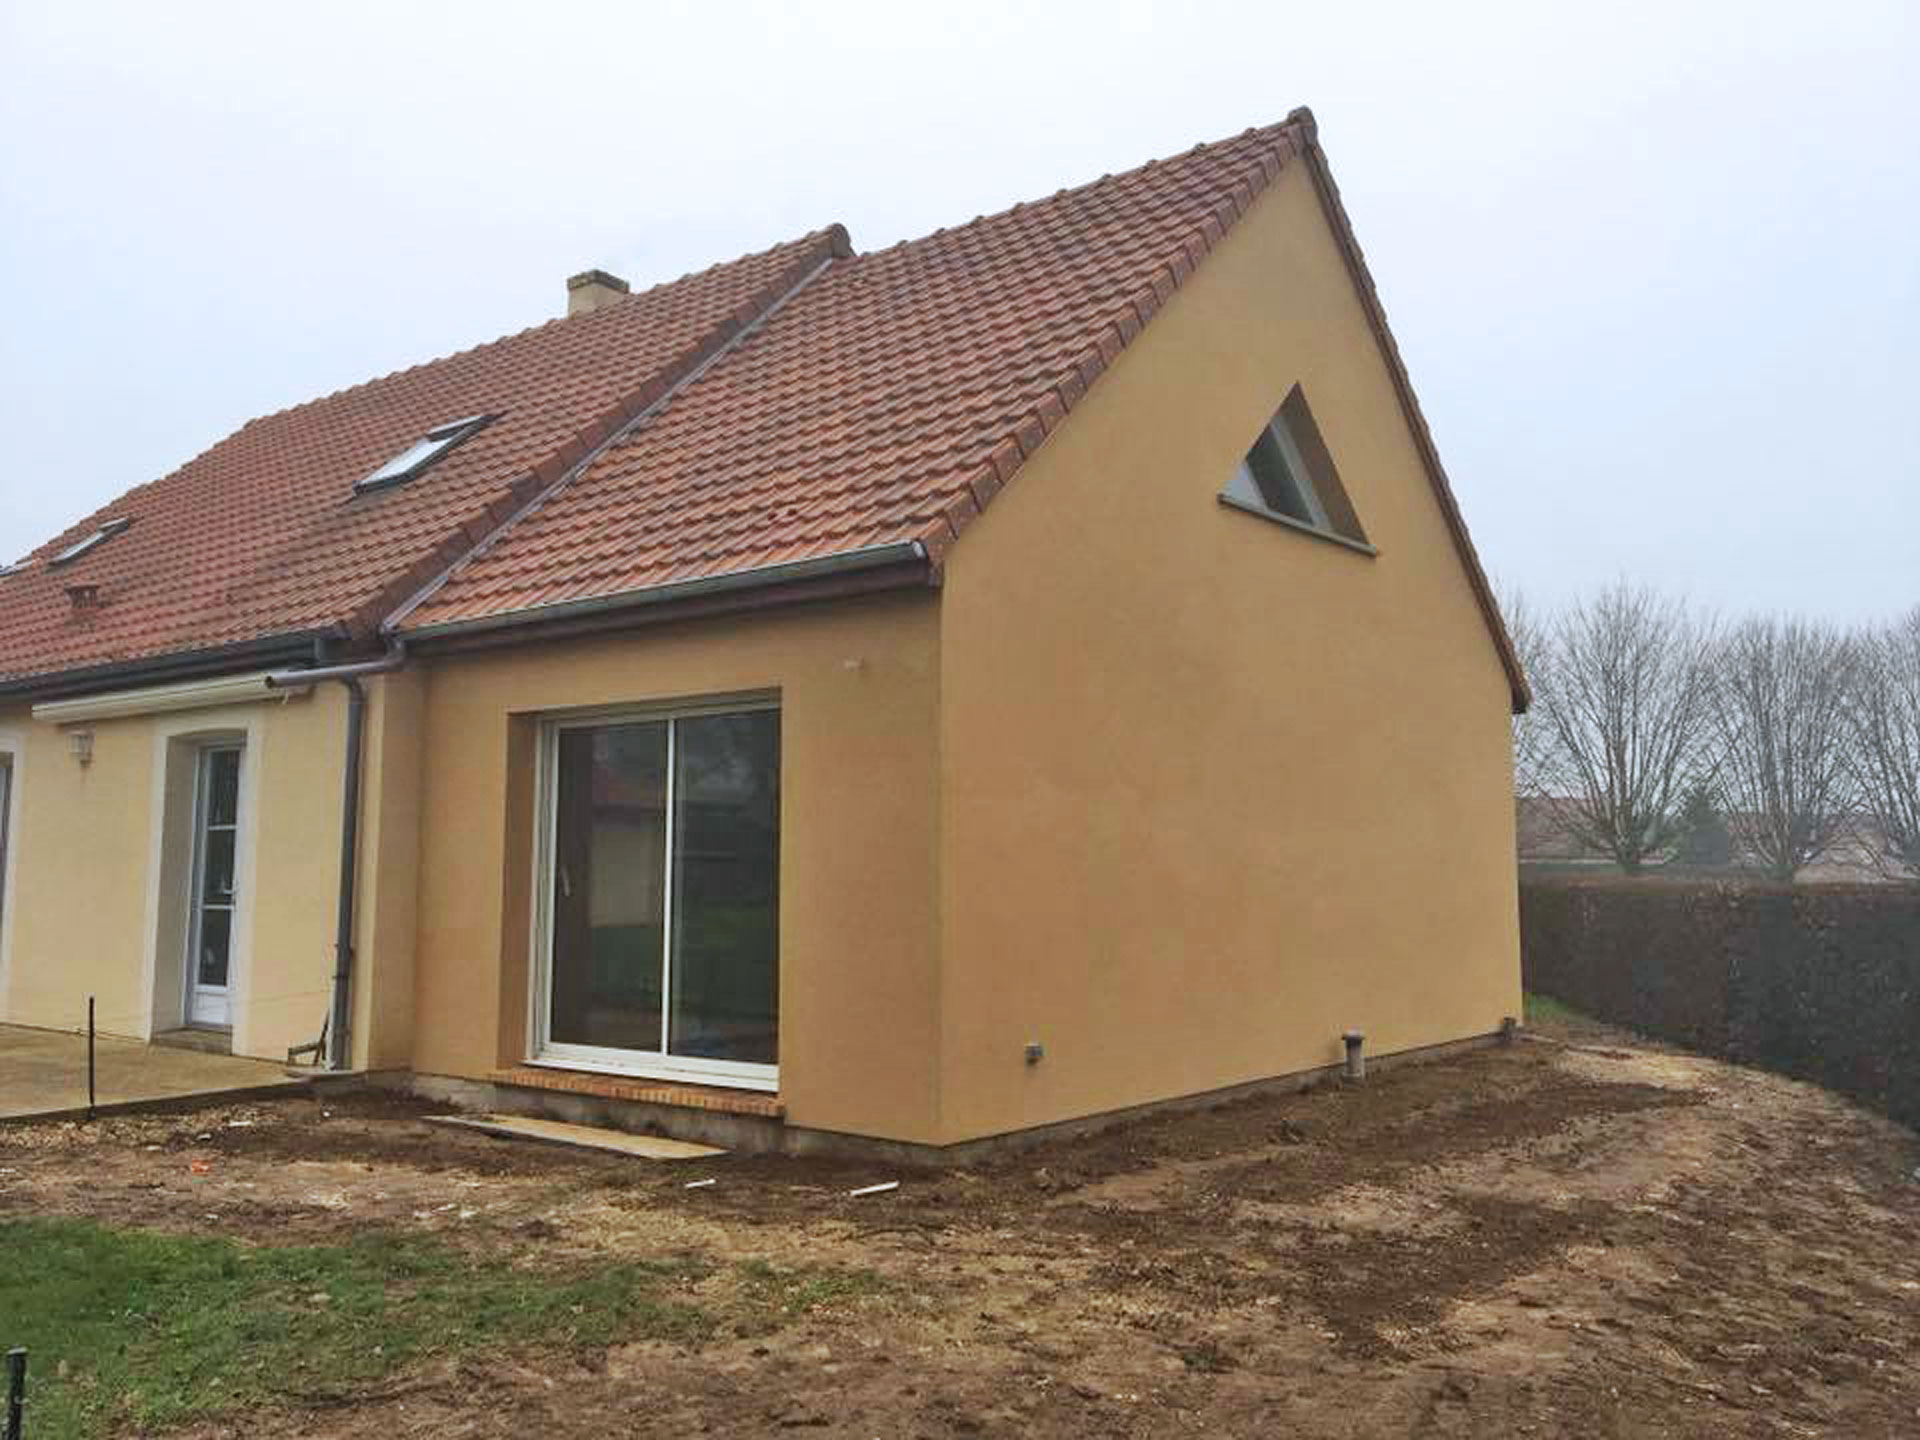 Extension et r novation de maison pr s de chartres 28000 for Financement extension maison